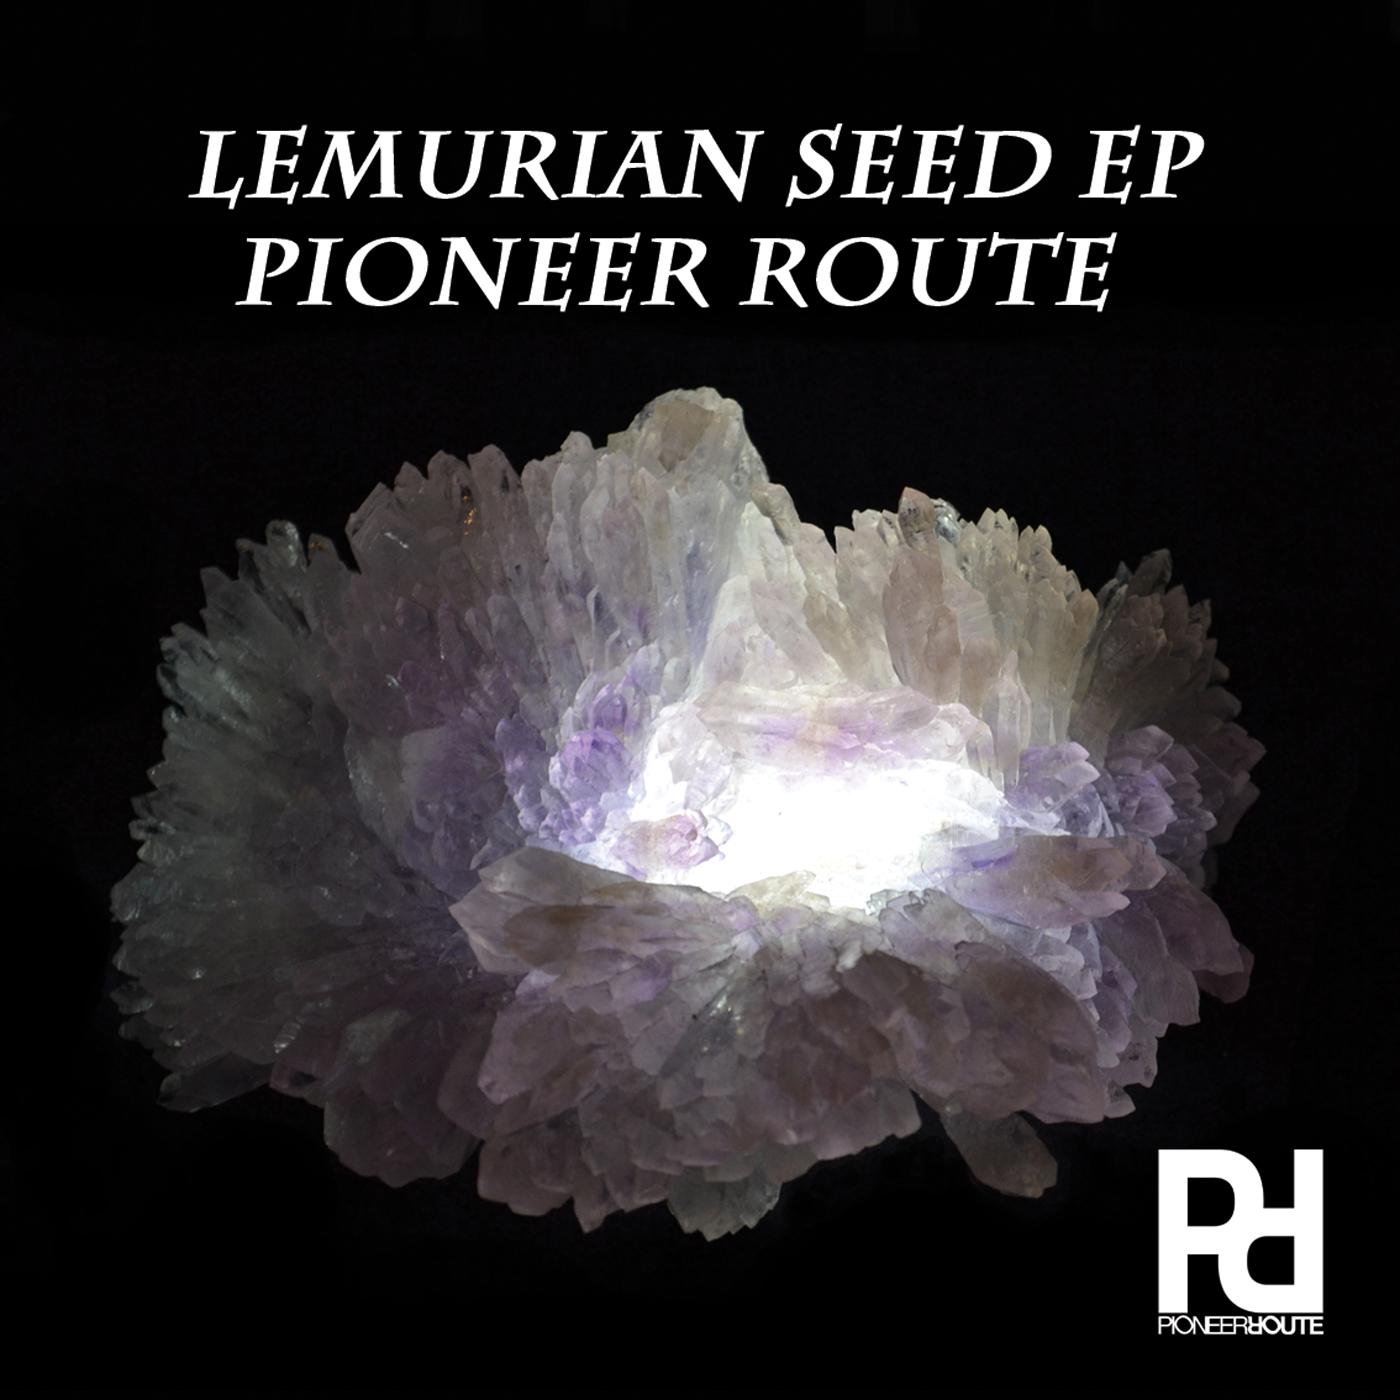 PIONEER ROUTE / LEMURIAN SEED EP